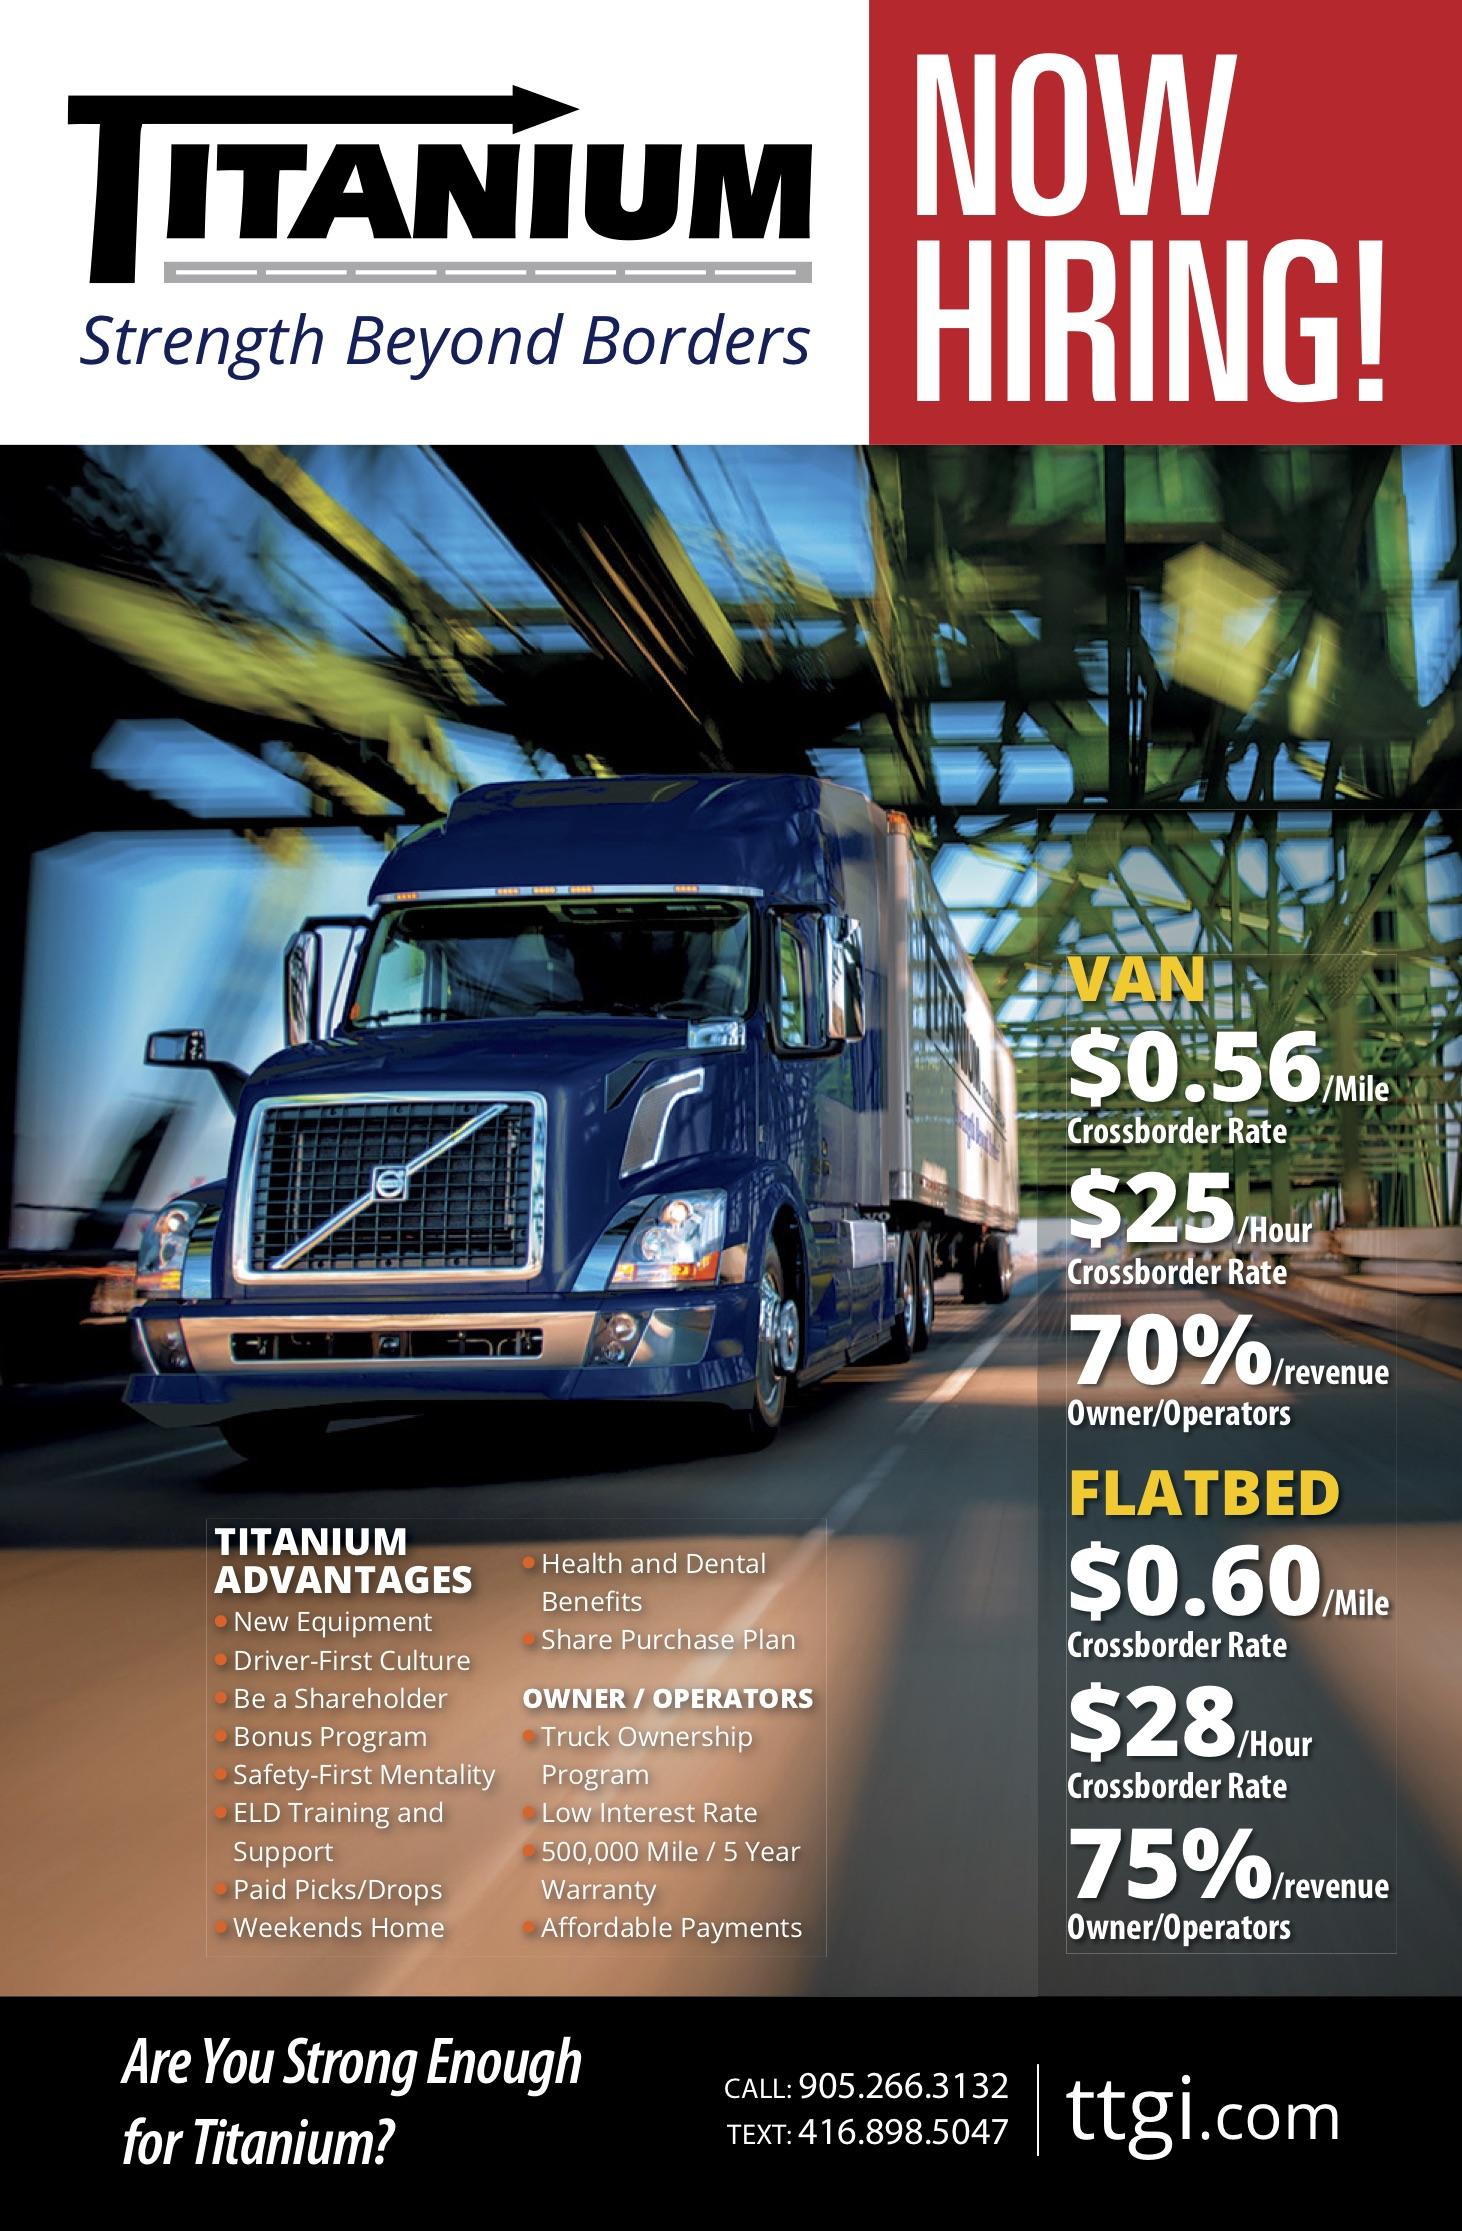 Titanium Transportation